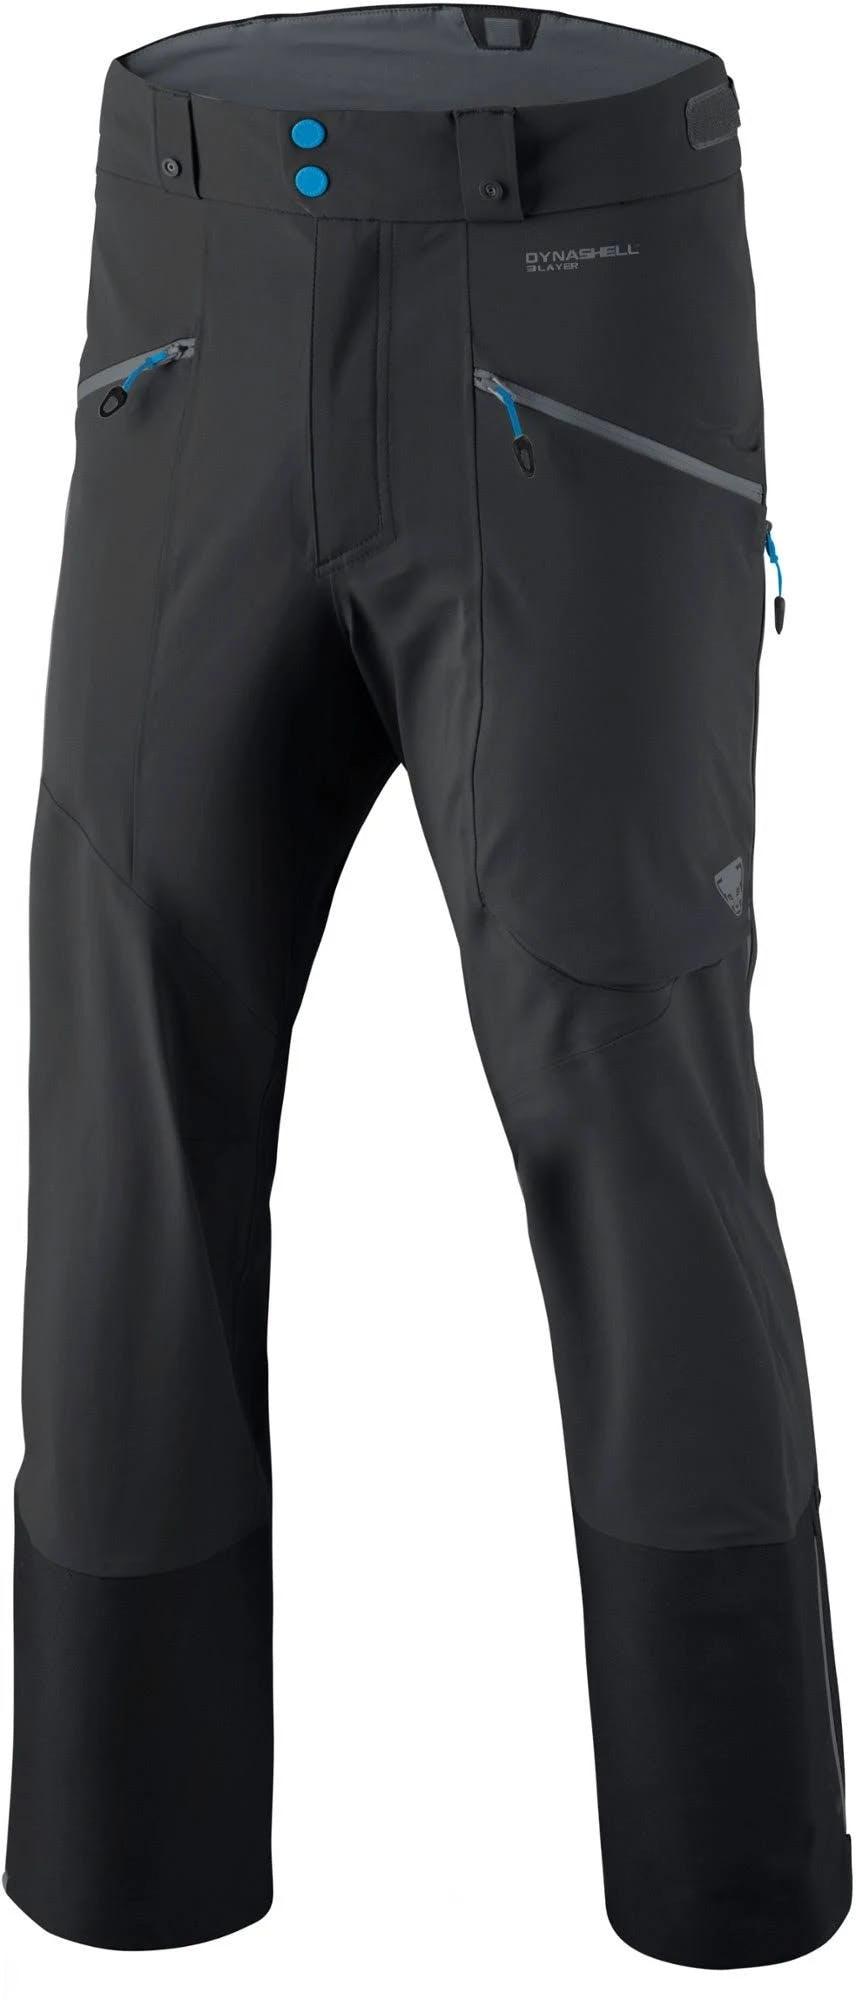 Dynafit Beast Hybrid XXL Pants